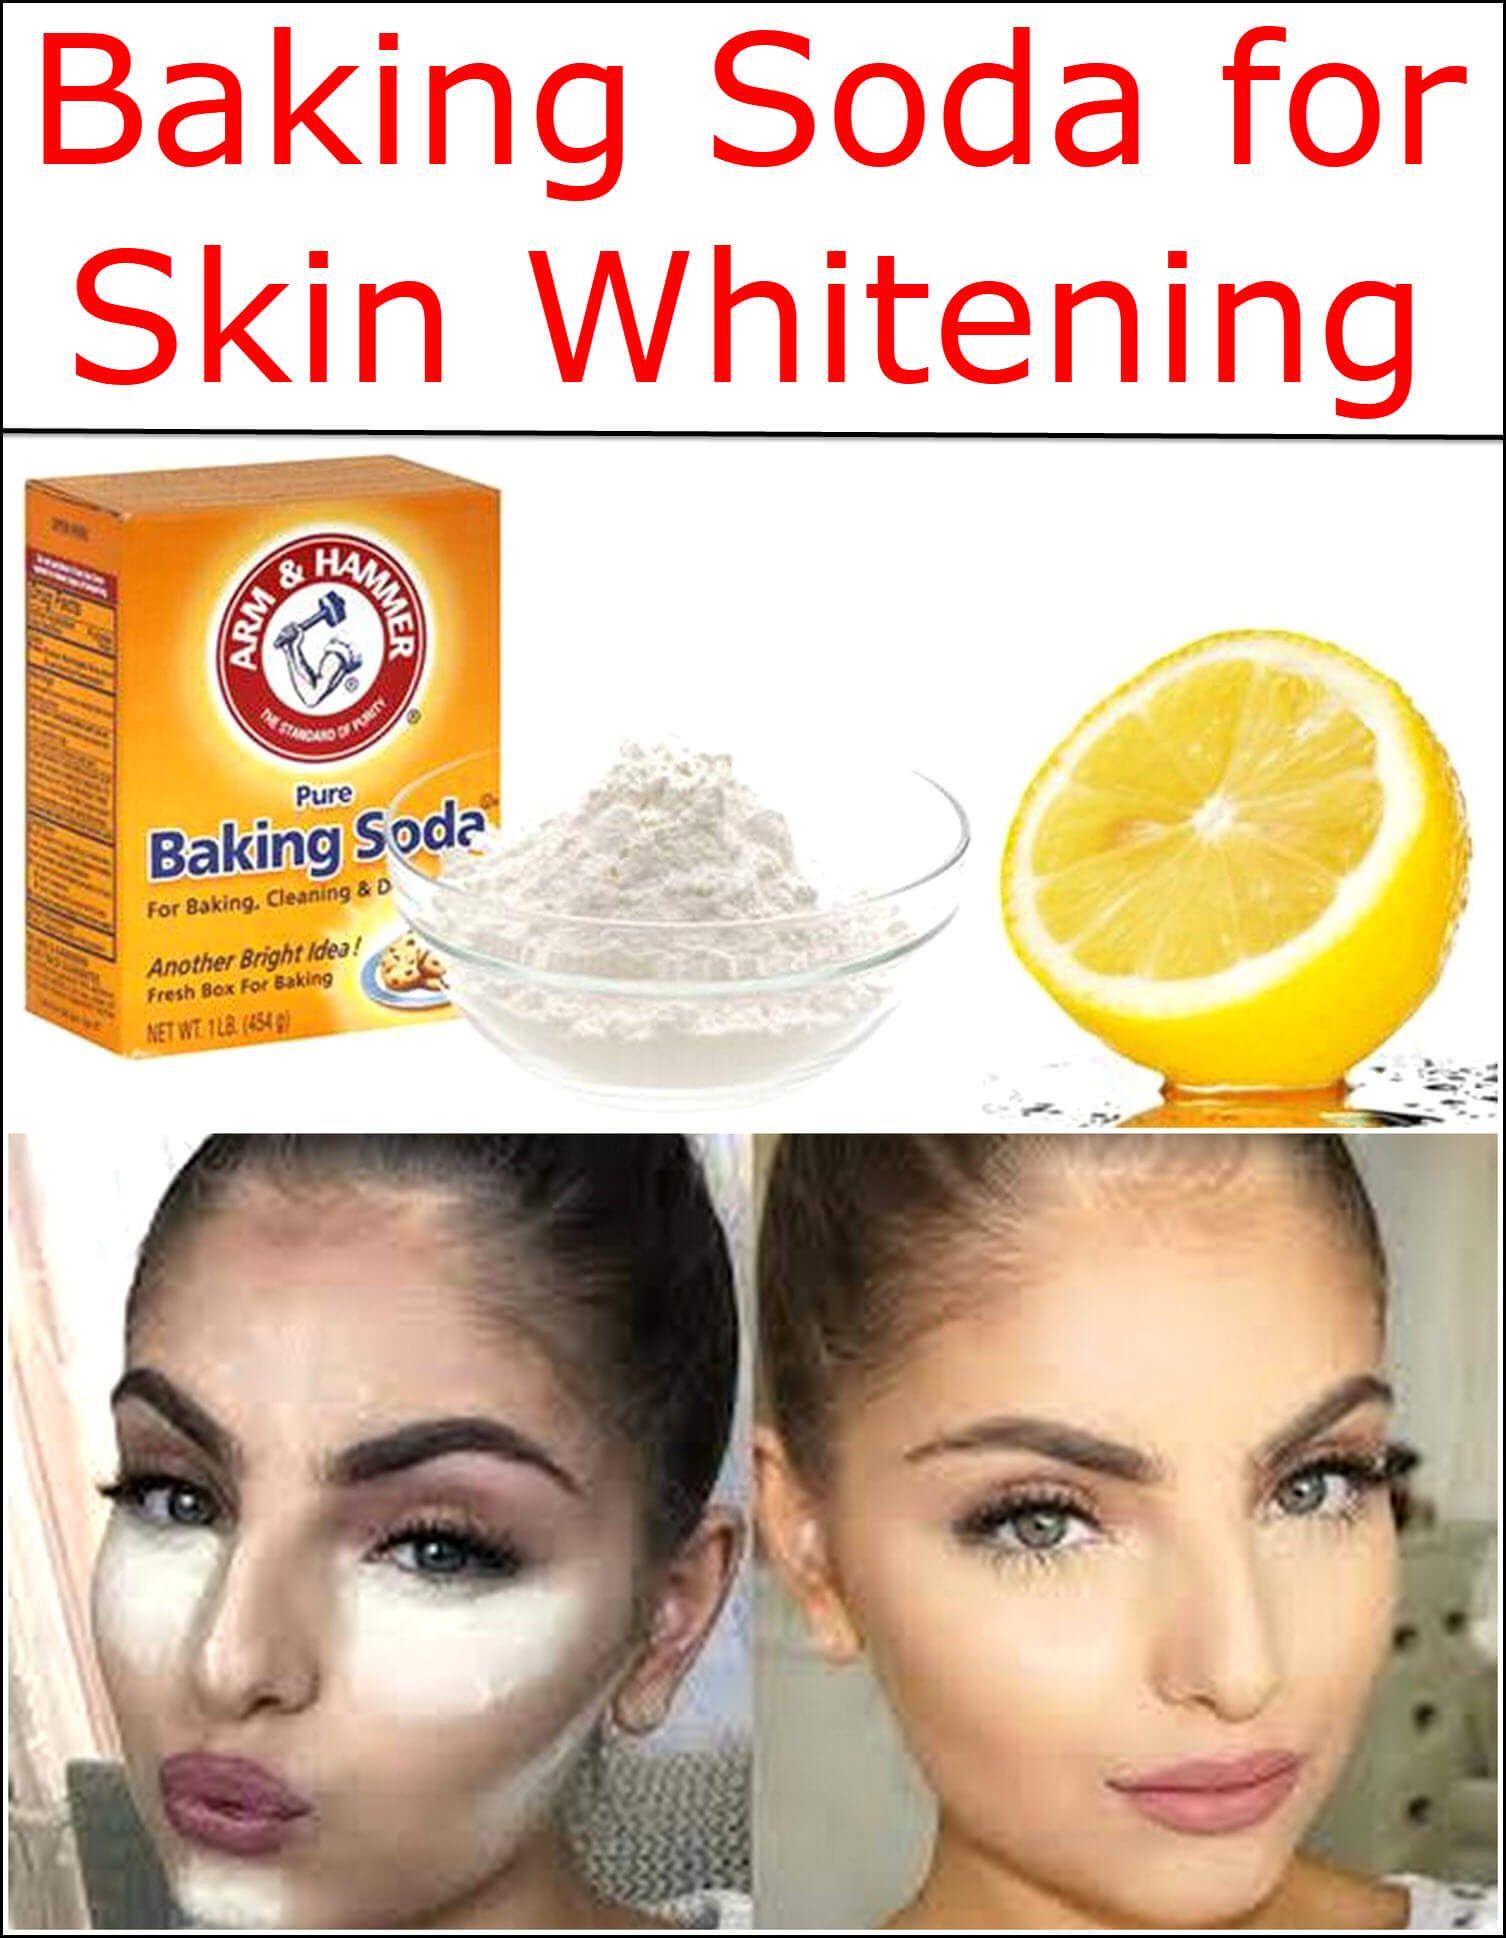 Baking soda and lemon for skin whitening